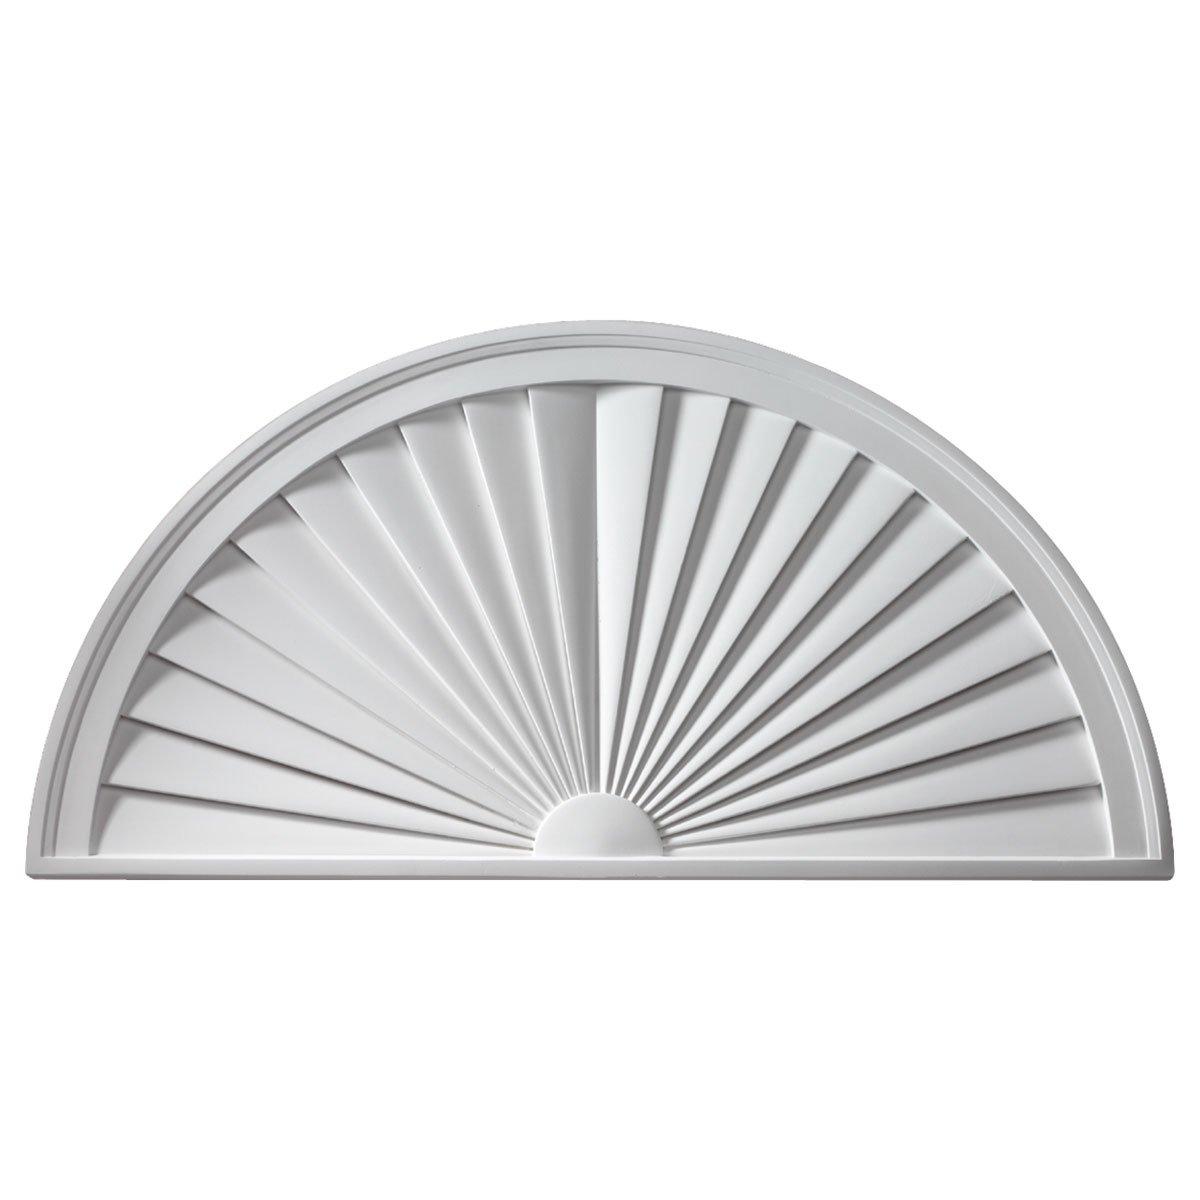 Fypon SWDH30X15 30'' W x 15'' H x 1 3/4'' P, Half Round Sunburst Window Pediment